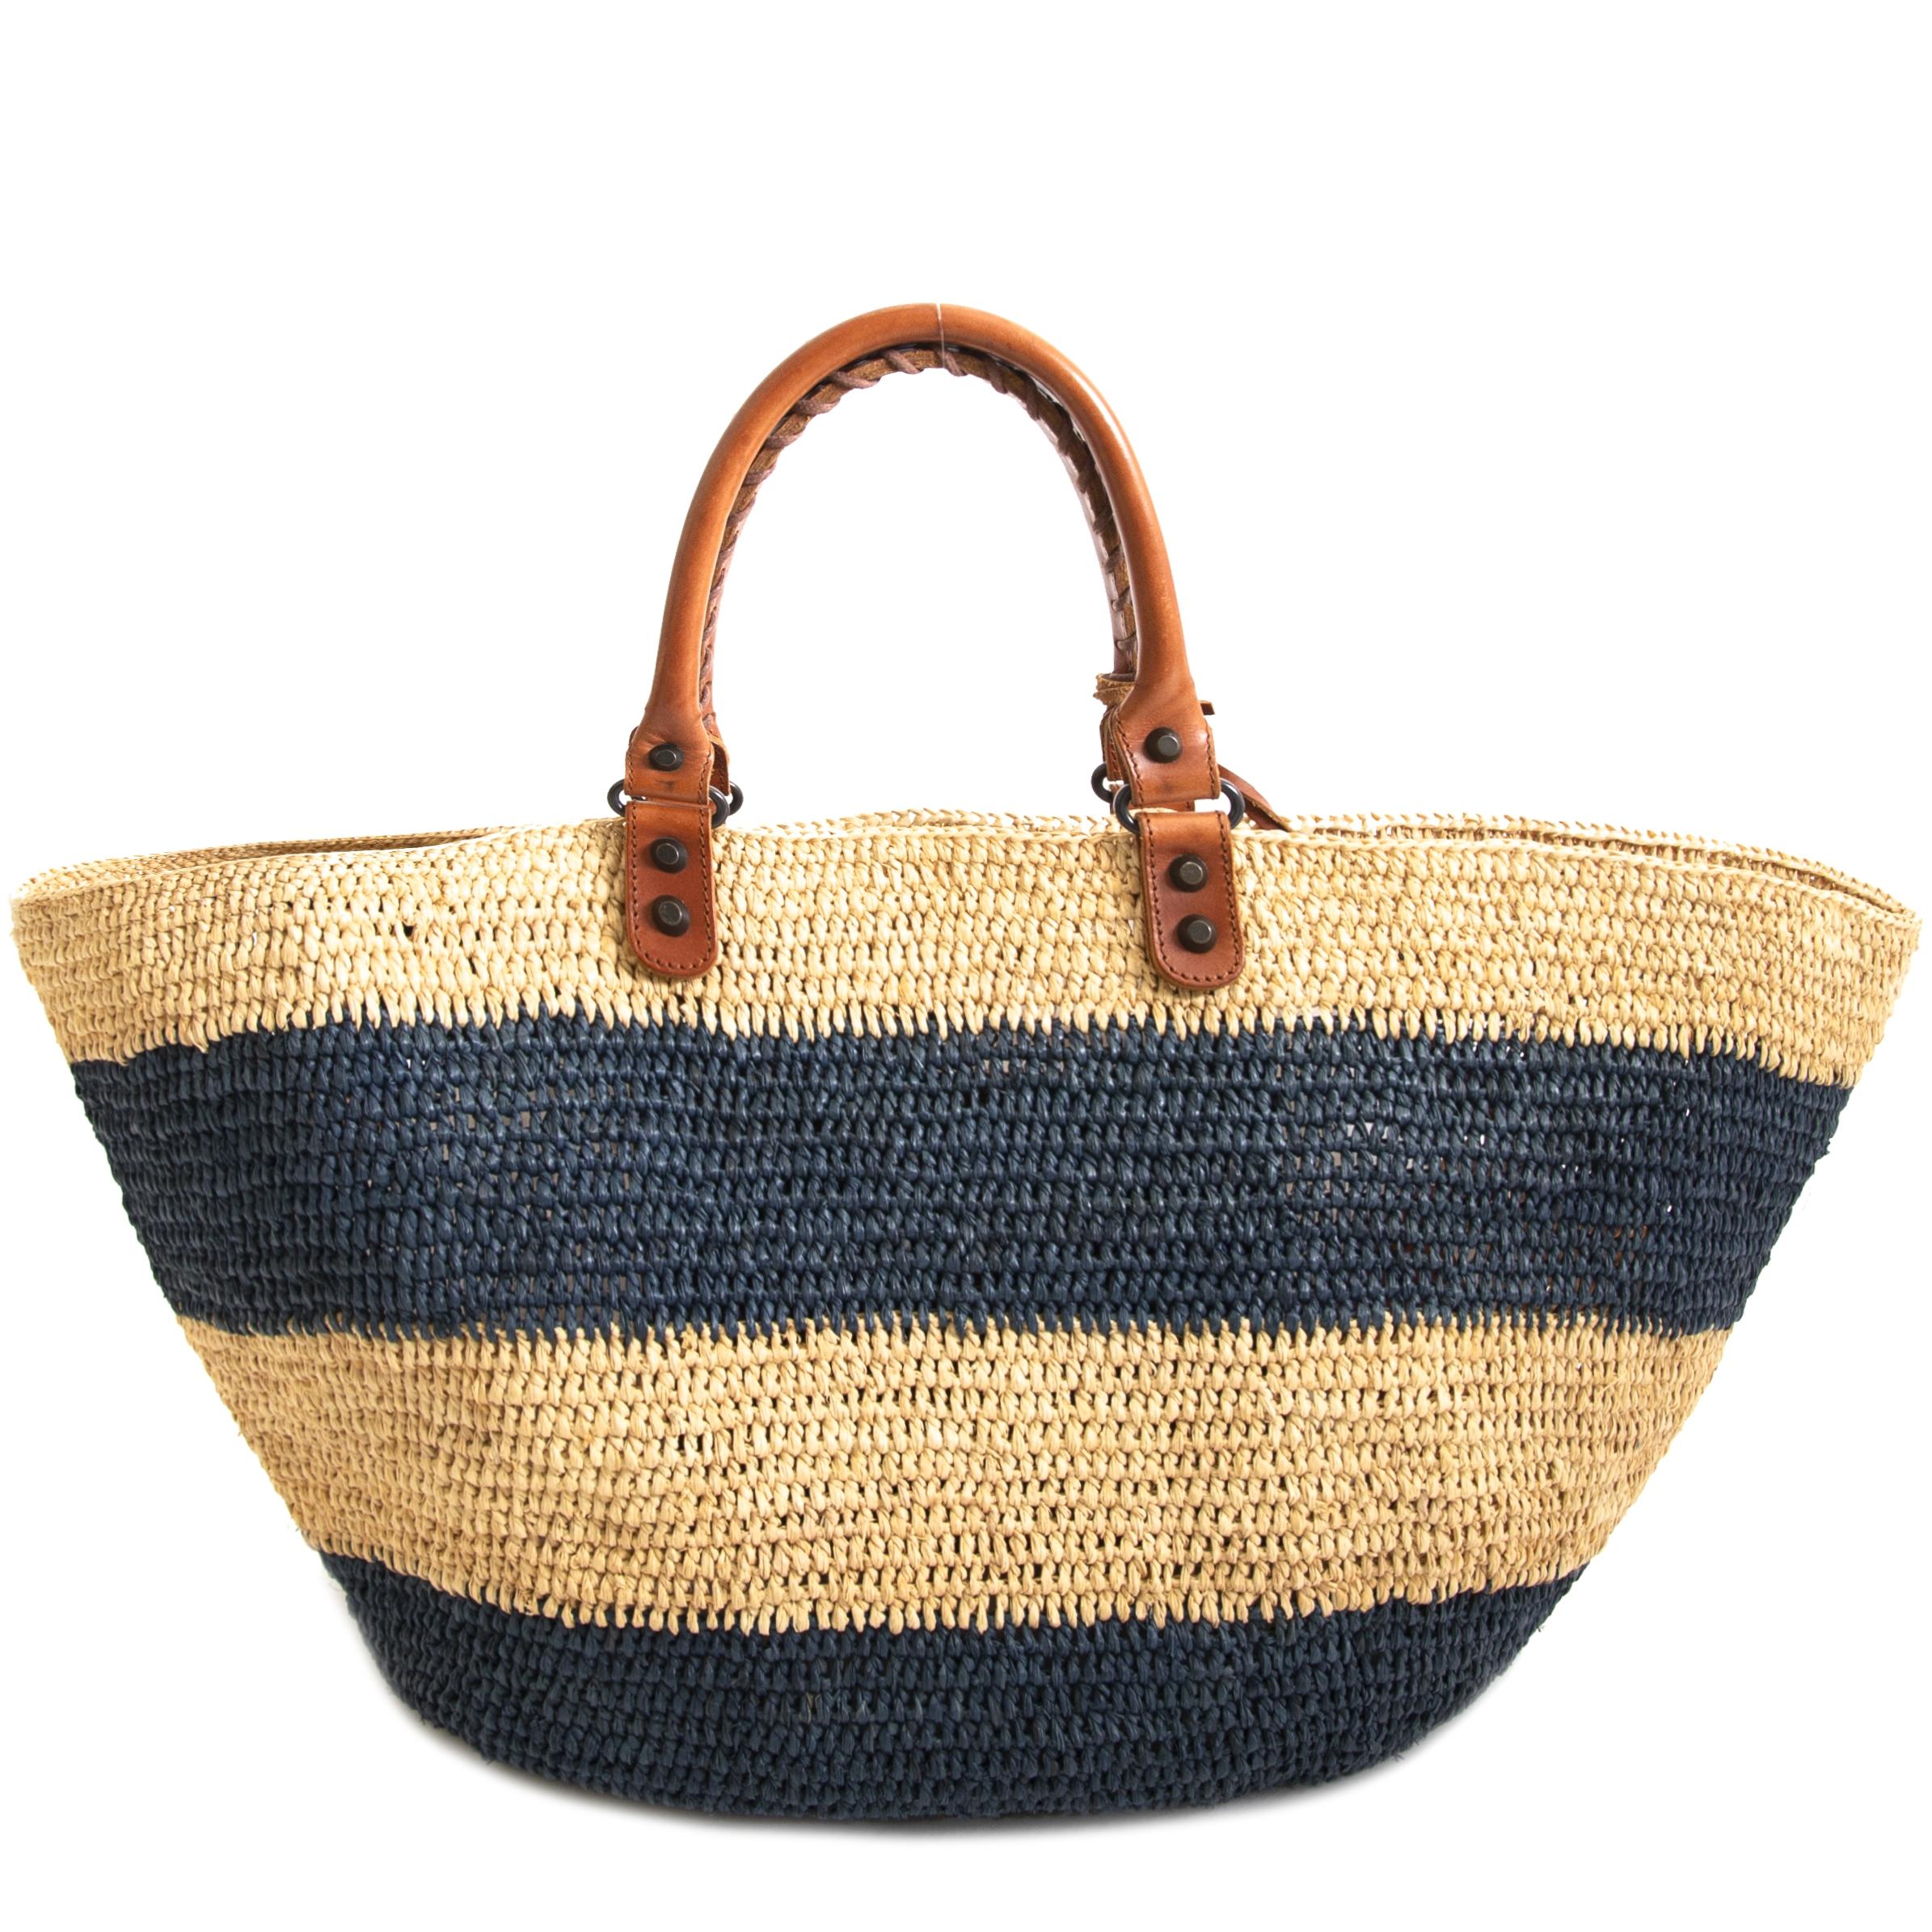 ... buy online webshop LabelLOV Authentieke tweedehands Balenciaga Straw Tote  Bag koop online webshop LabelLOV 8001d7a293d5f